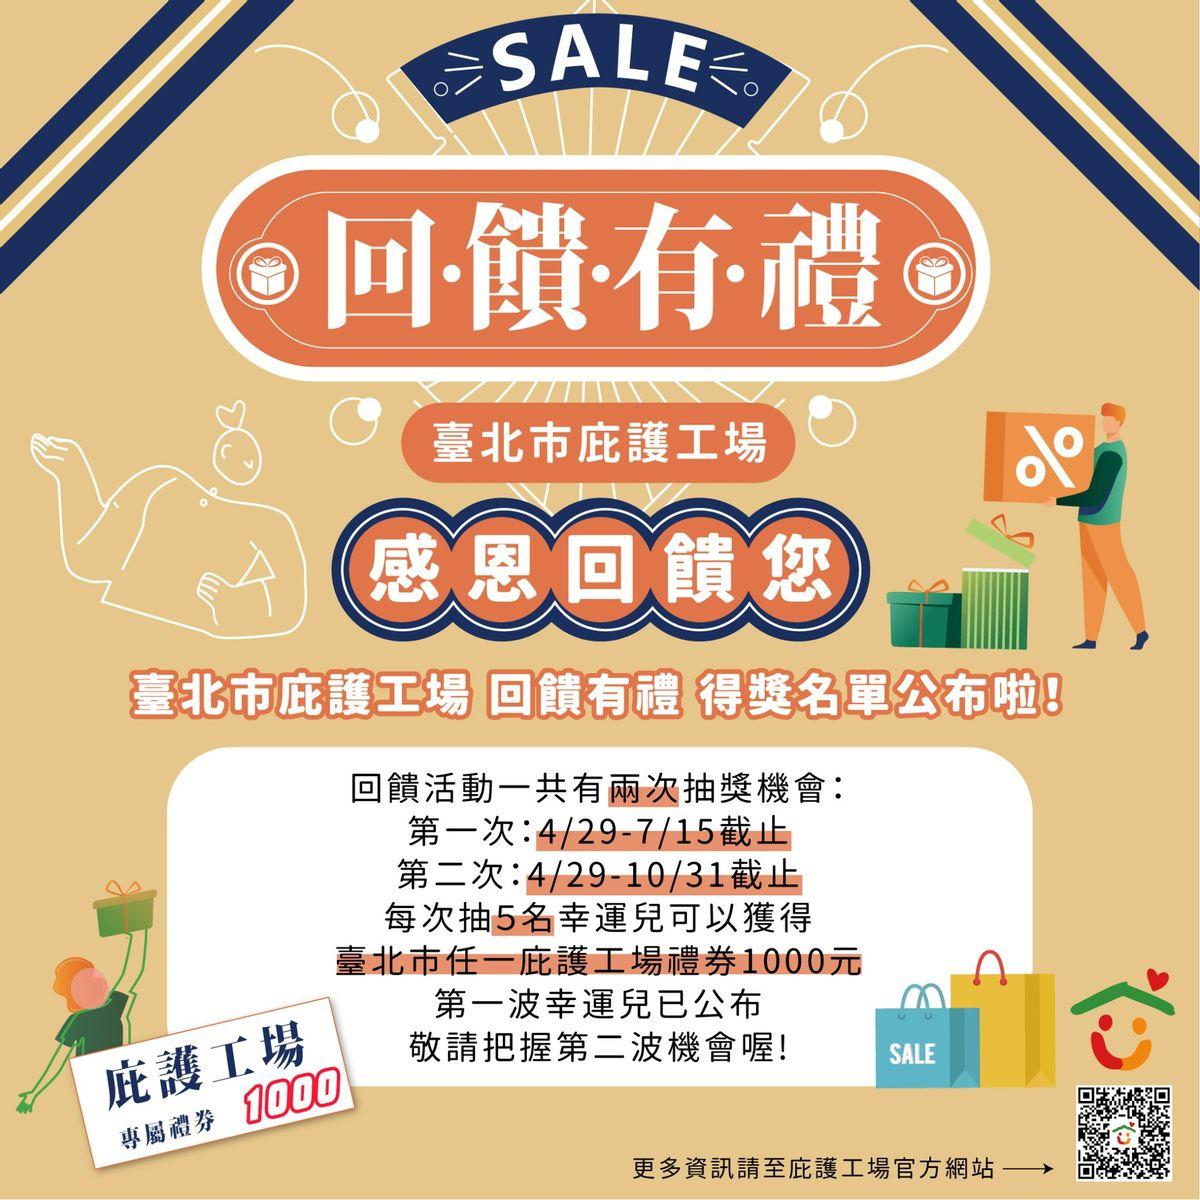 臺北市庇護工場回饋有禮 第一波抽獎名單公佈